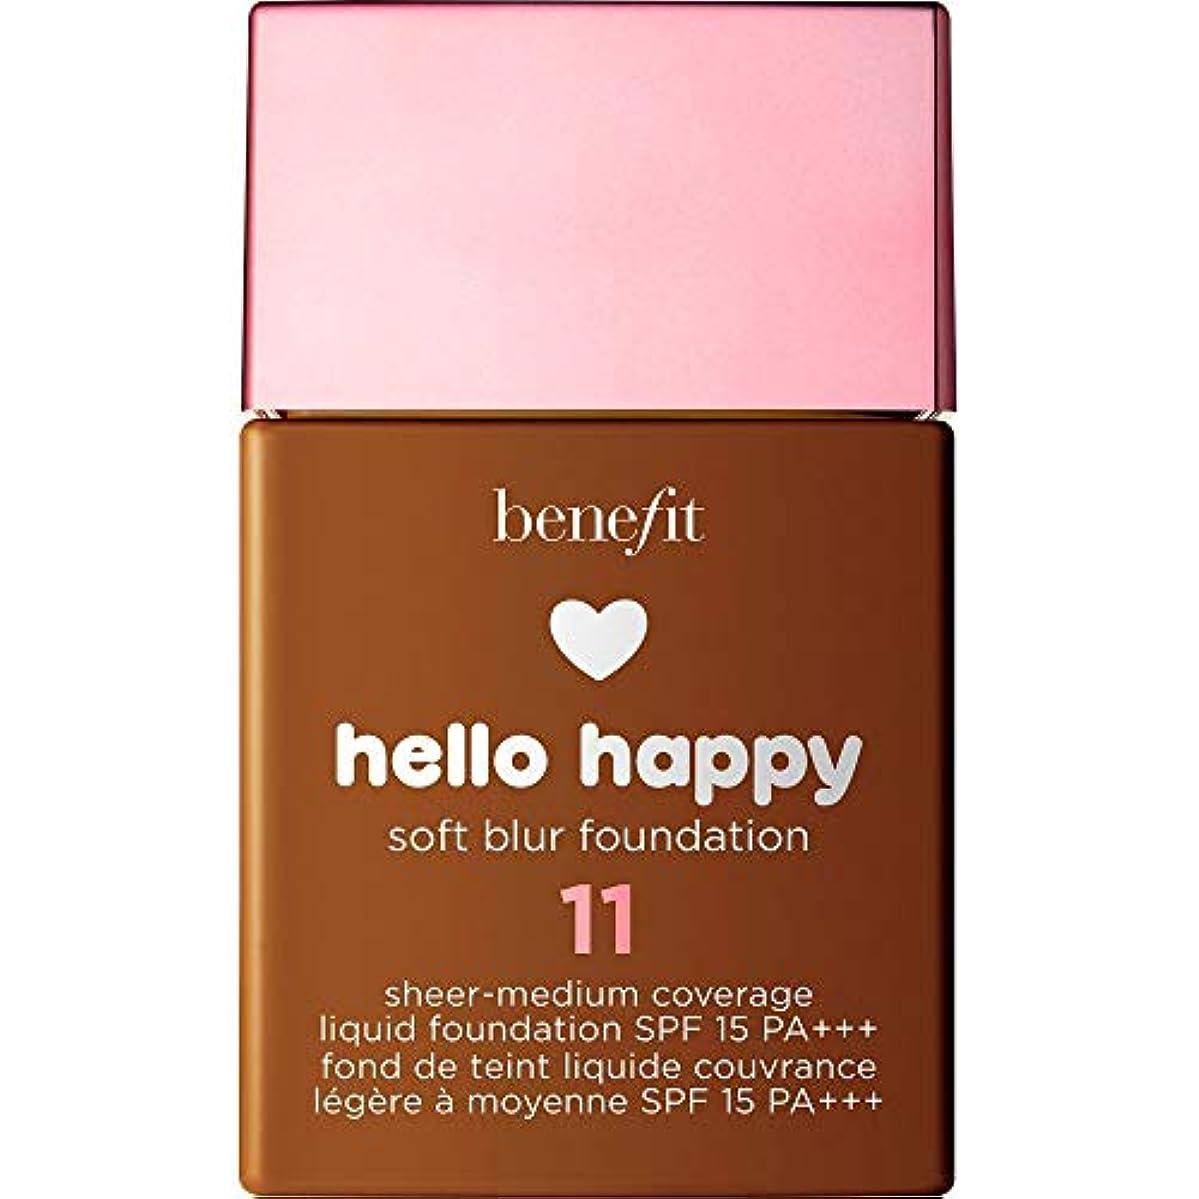 クラッチこどもの日ペンダント[Benefit ] 利点は、ハロー幸せソフトブラー基礎Spf15 30ミリリットル11 - ダークニュートラル - Benefit Hello Happy Soft Blur Foundation SPF15 30ml...